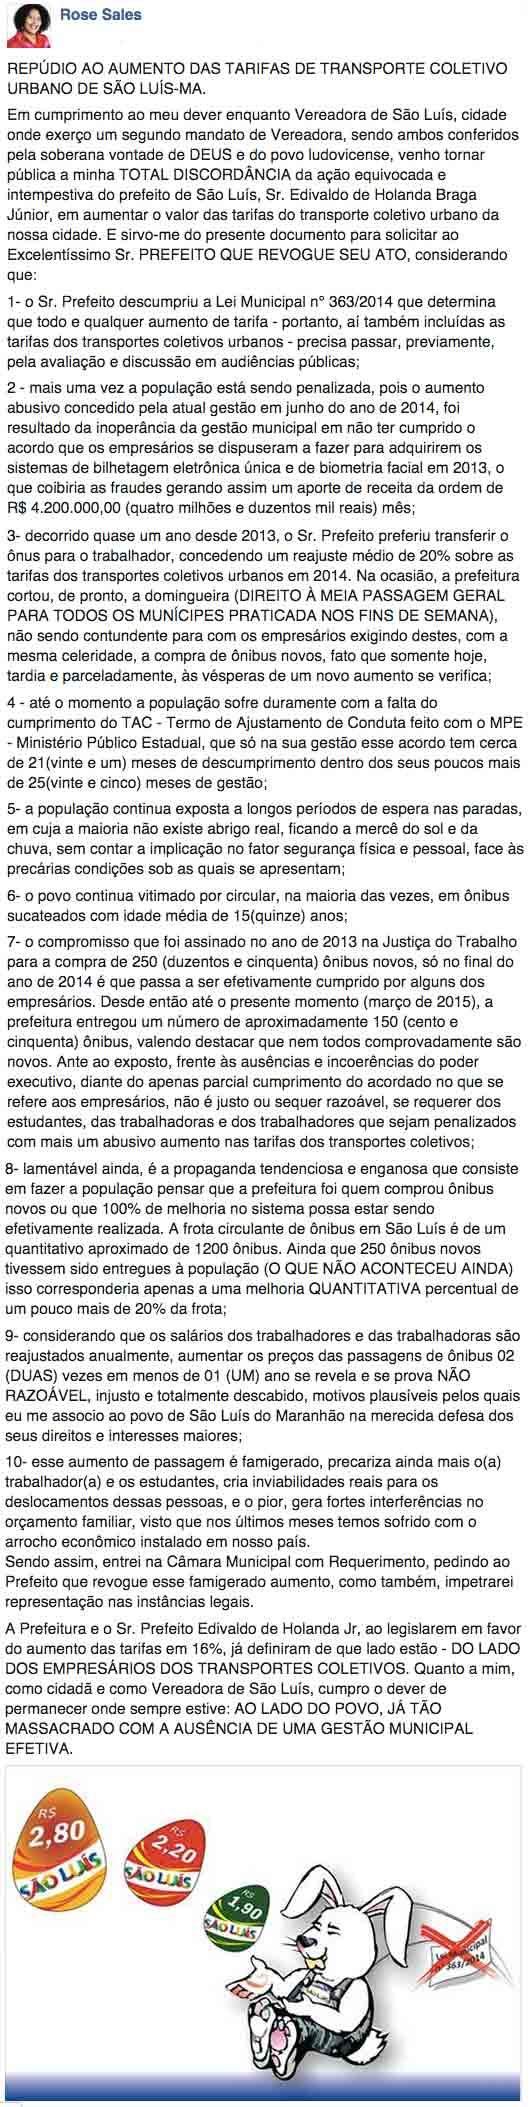 VereadoraRoseSalesCritica